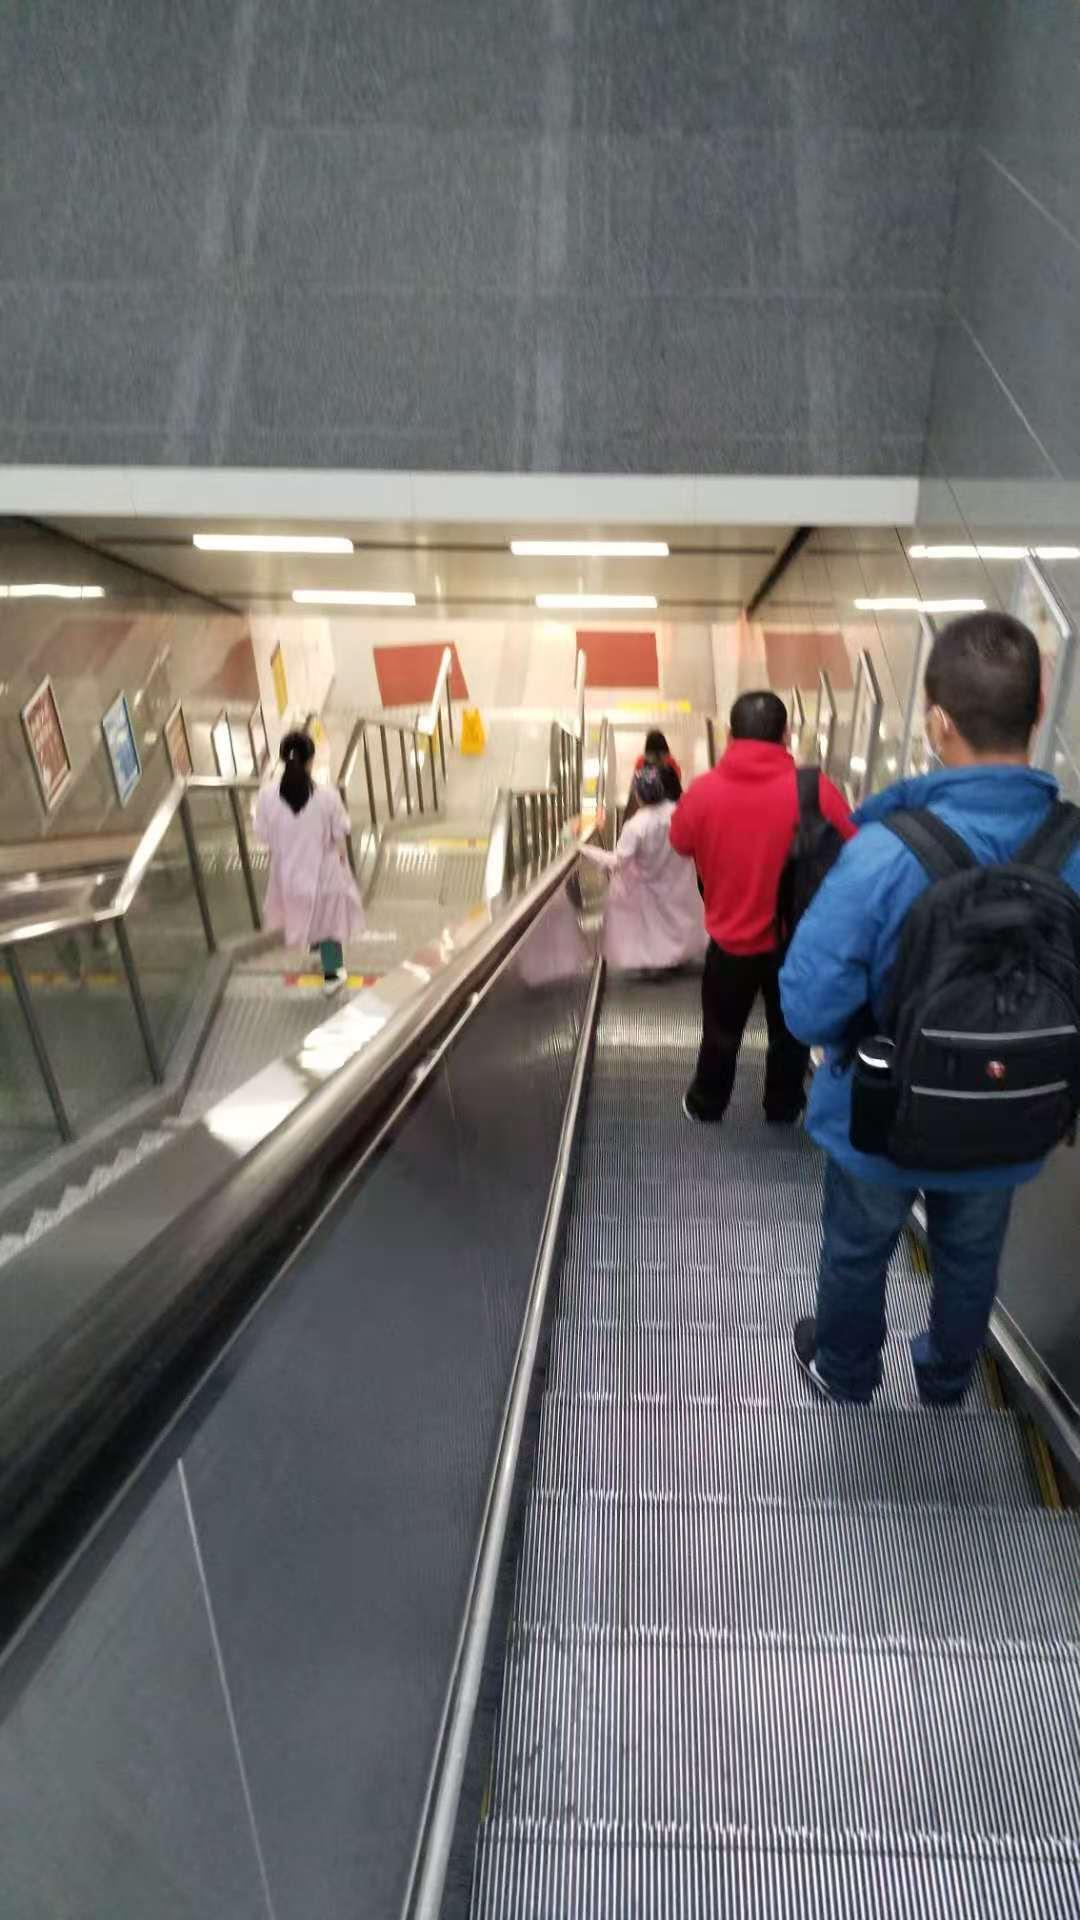 惊险!杭州孕妇在地铁站早产,宝宝才28周,出生时连胎膜都没破………